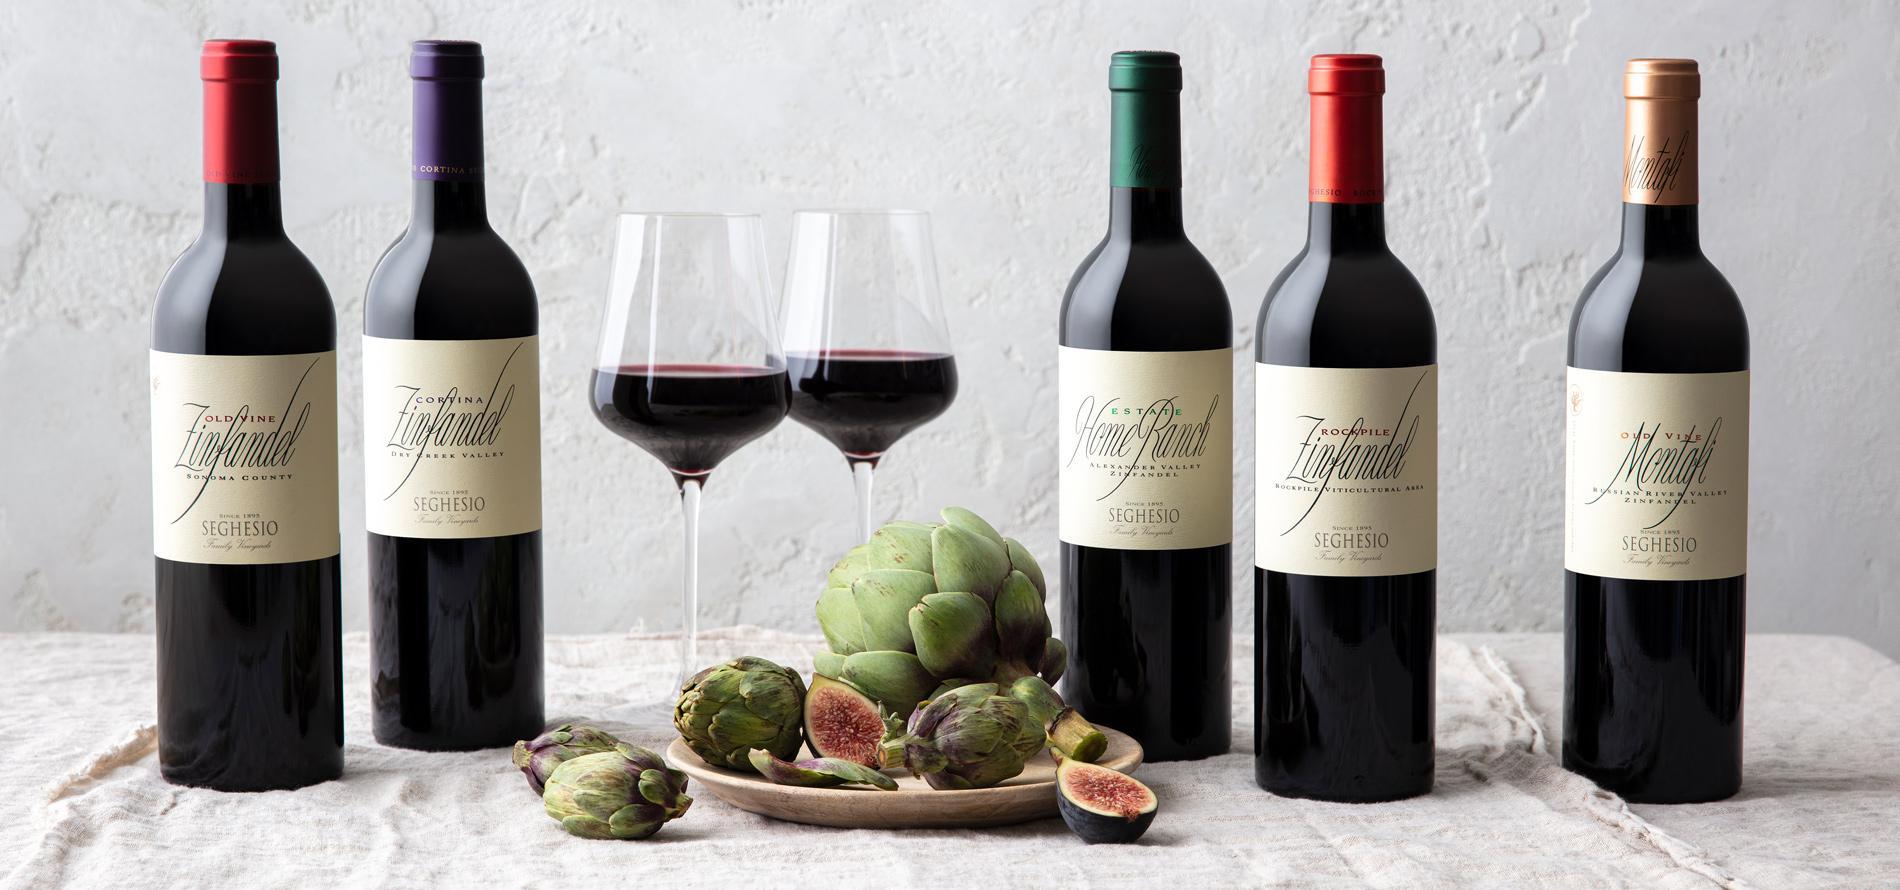 Rượu vang bảo quản như thế nào